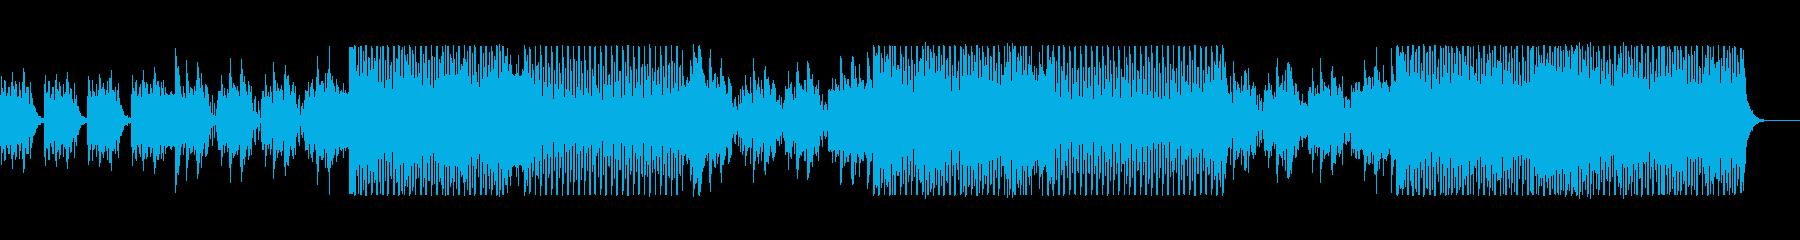 パーカッションが印象的な四つ打ちの再生済みの波形